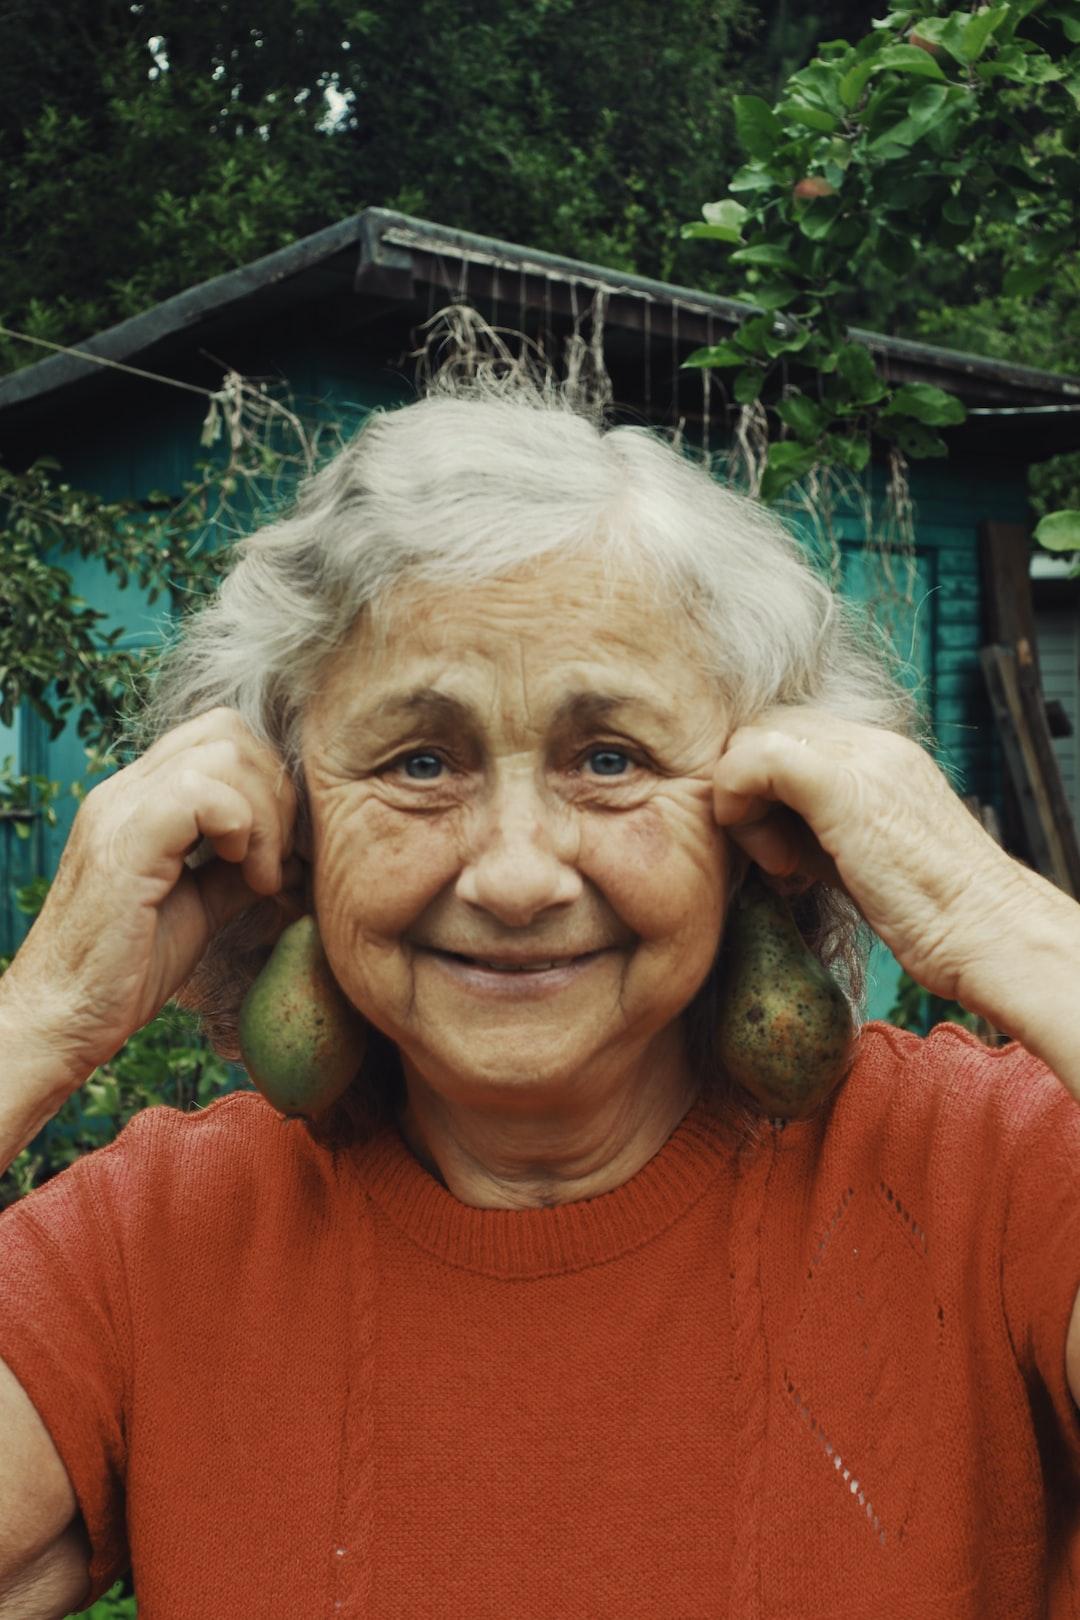 A portrait of an elderly woman